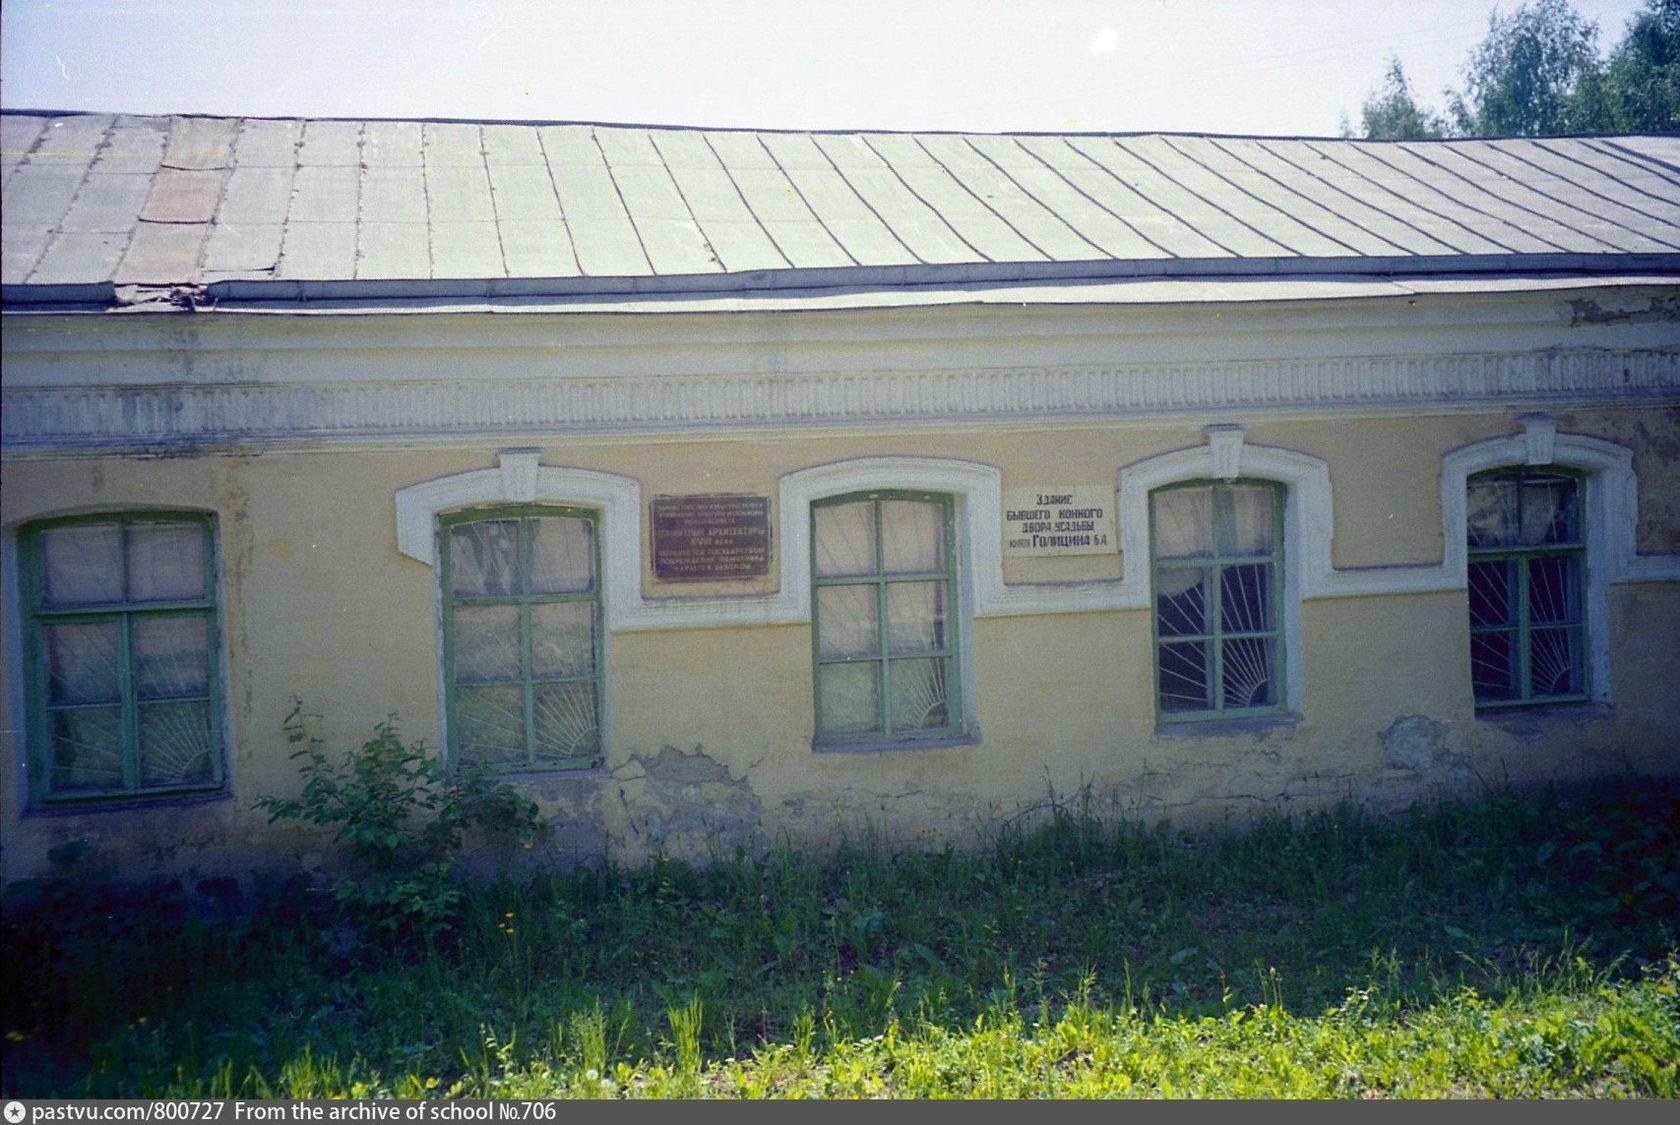 Раньше на здании, где располагались лаборатории ВИЖа были охранно-информационные таблички. Теперь их нет.